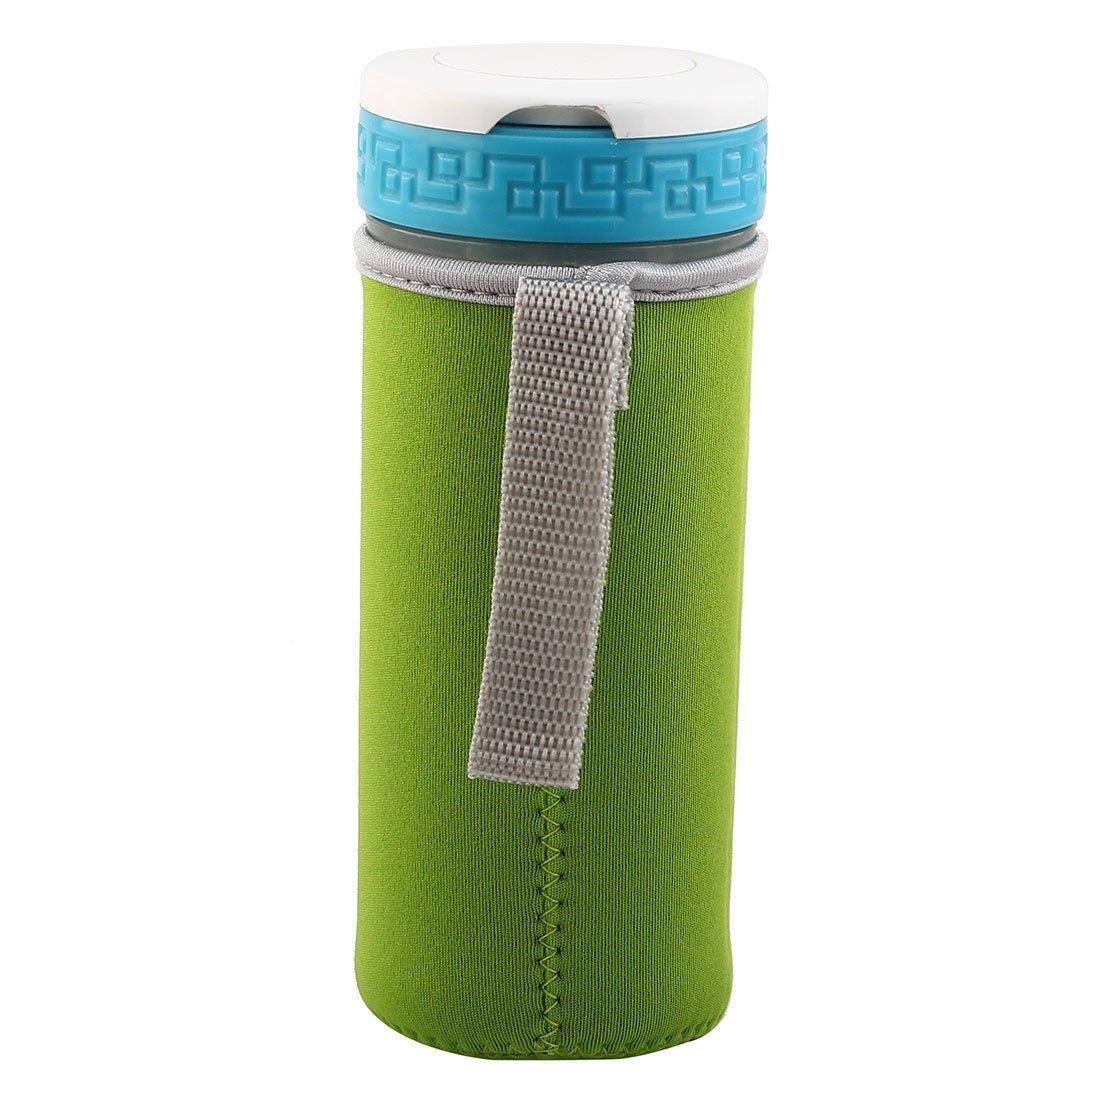 Amazon.com: eDealMax Spandex Inicio a prueba de calor de la botella contra escaldaduras antideslizante de cristal taza de la taza de la manga verde: Kitchen ...